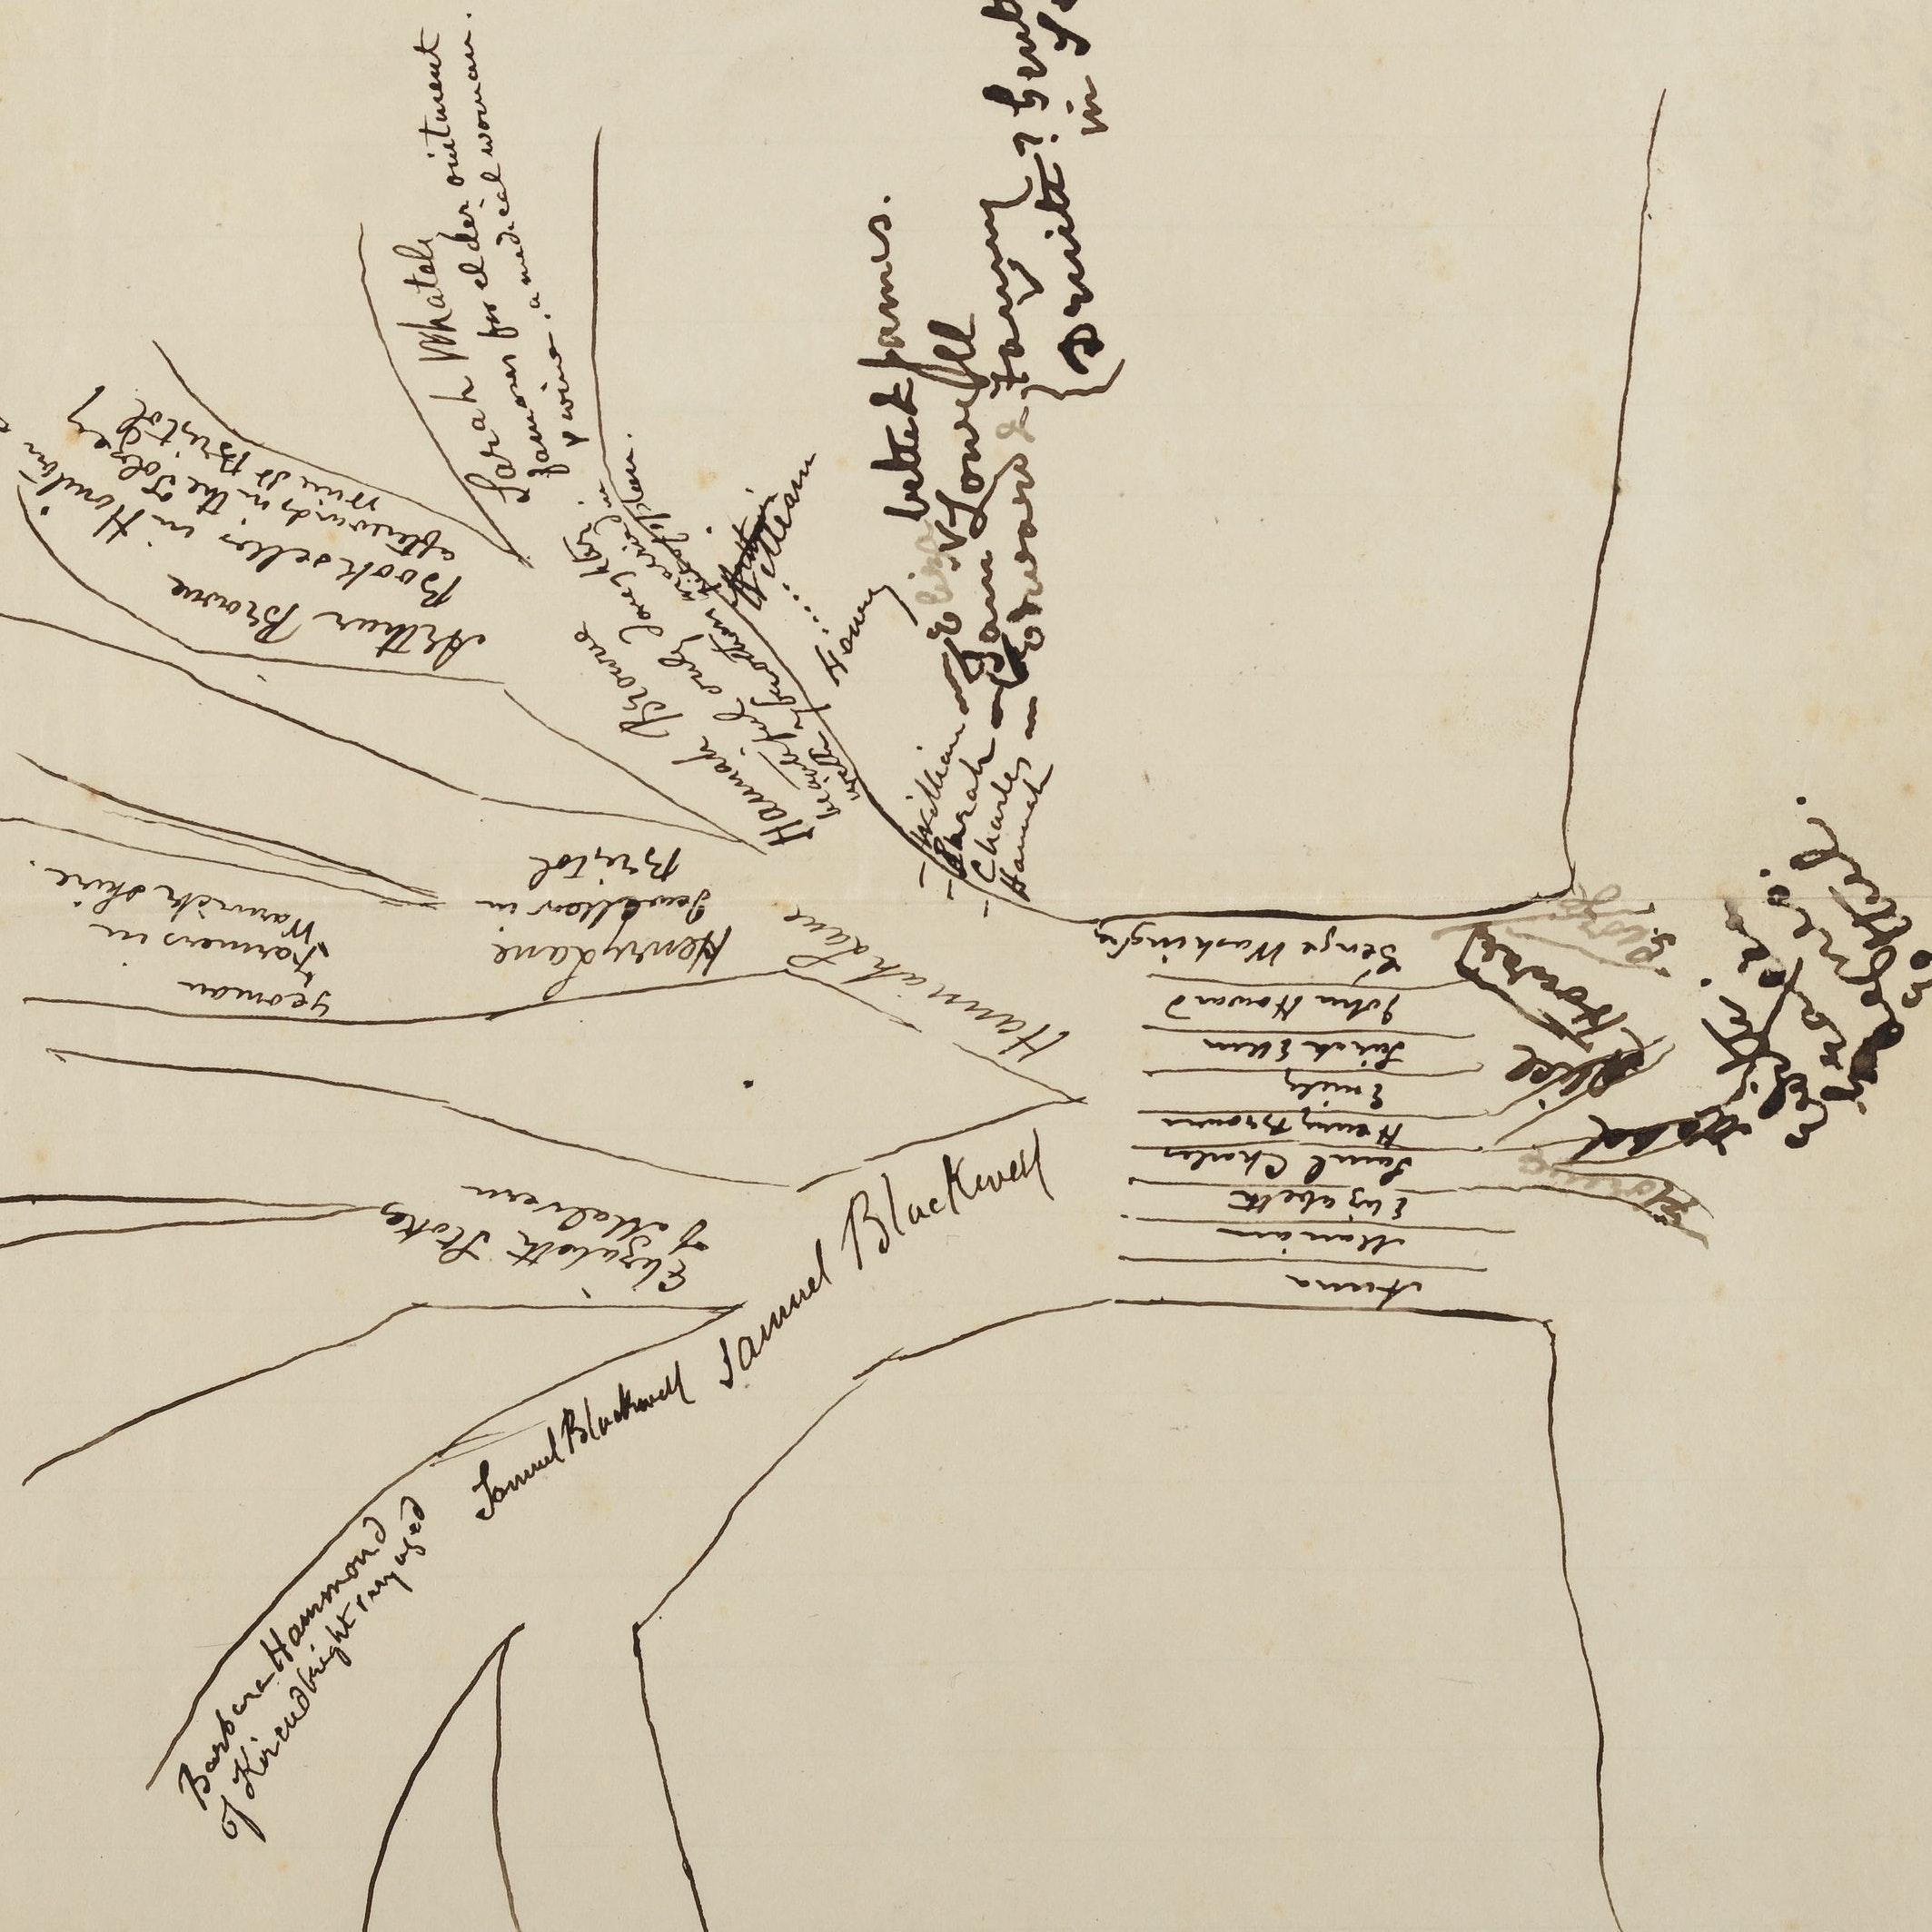 Blackwell family tree